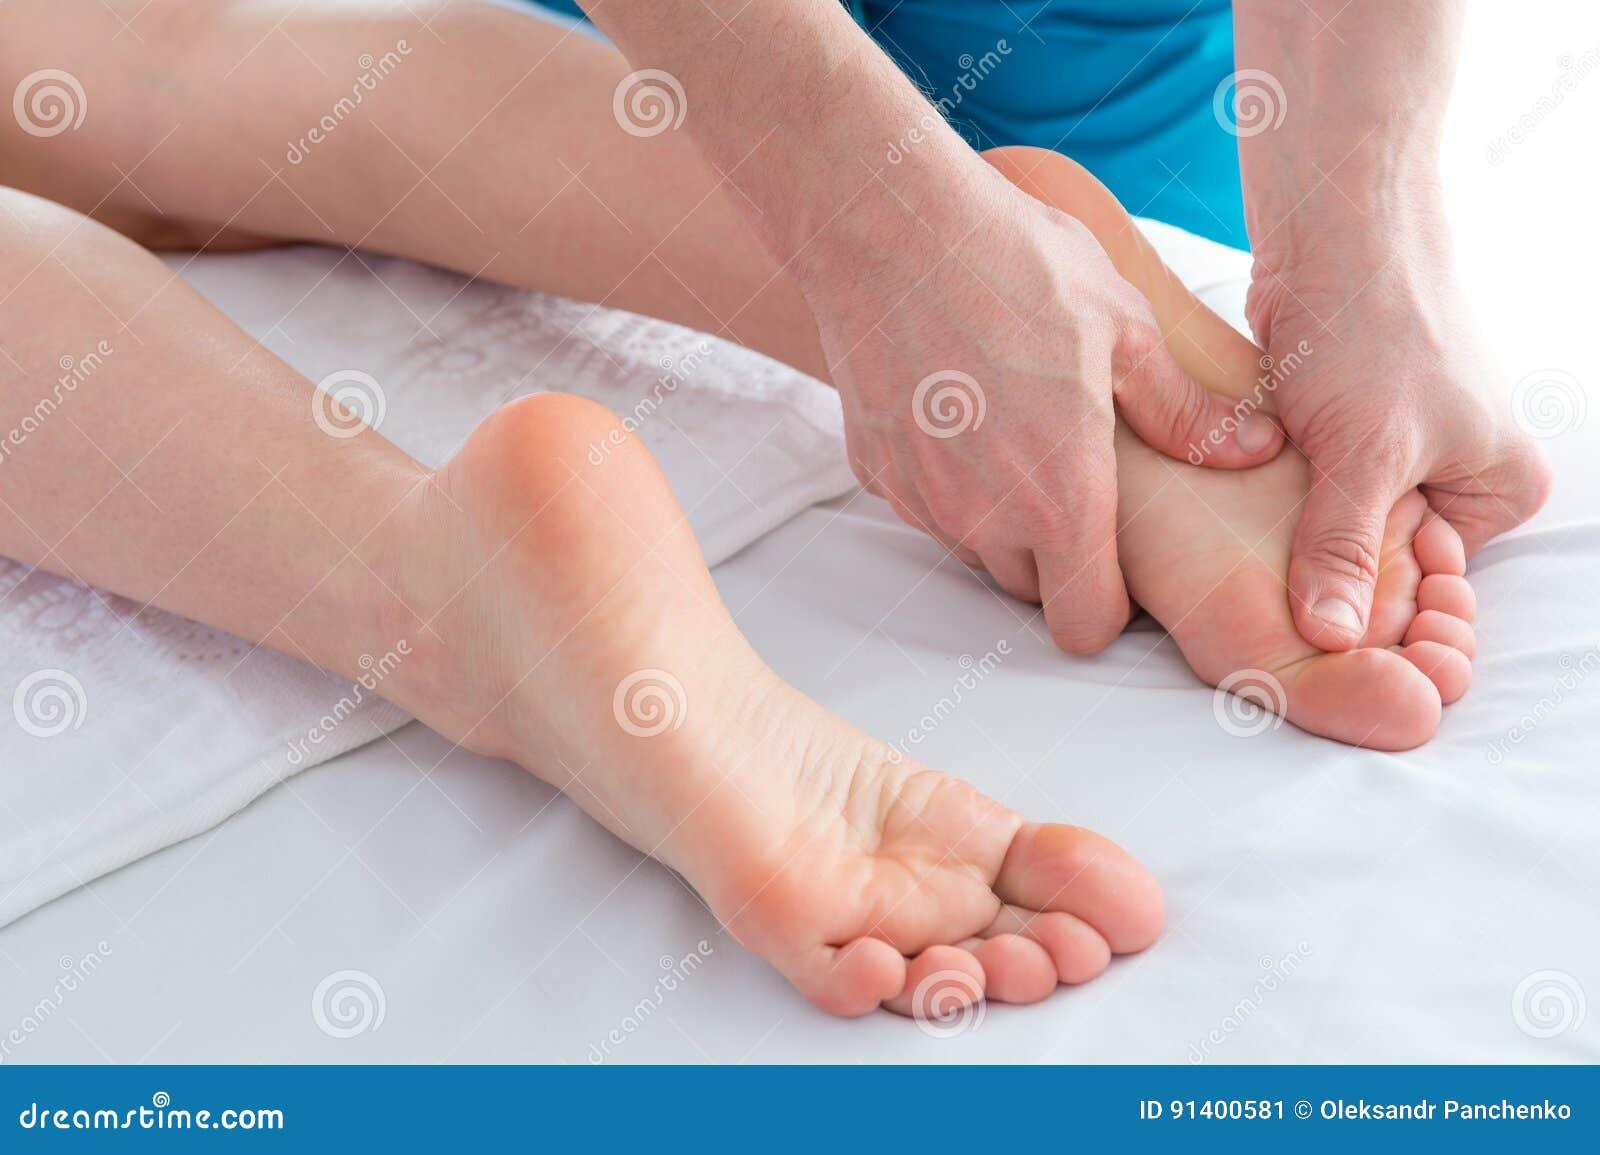 Stopa masaż i nogi, alternatywna terapia, zbliżenia studia strzał